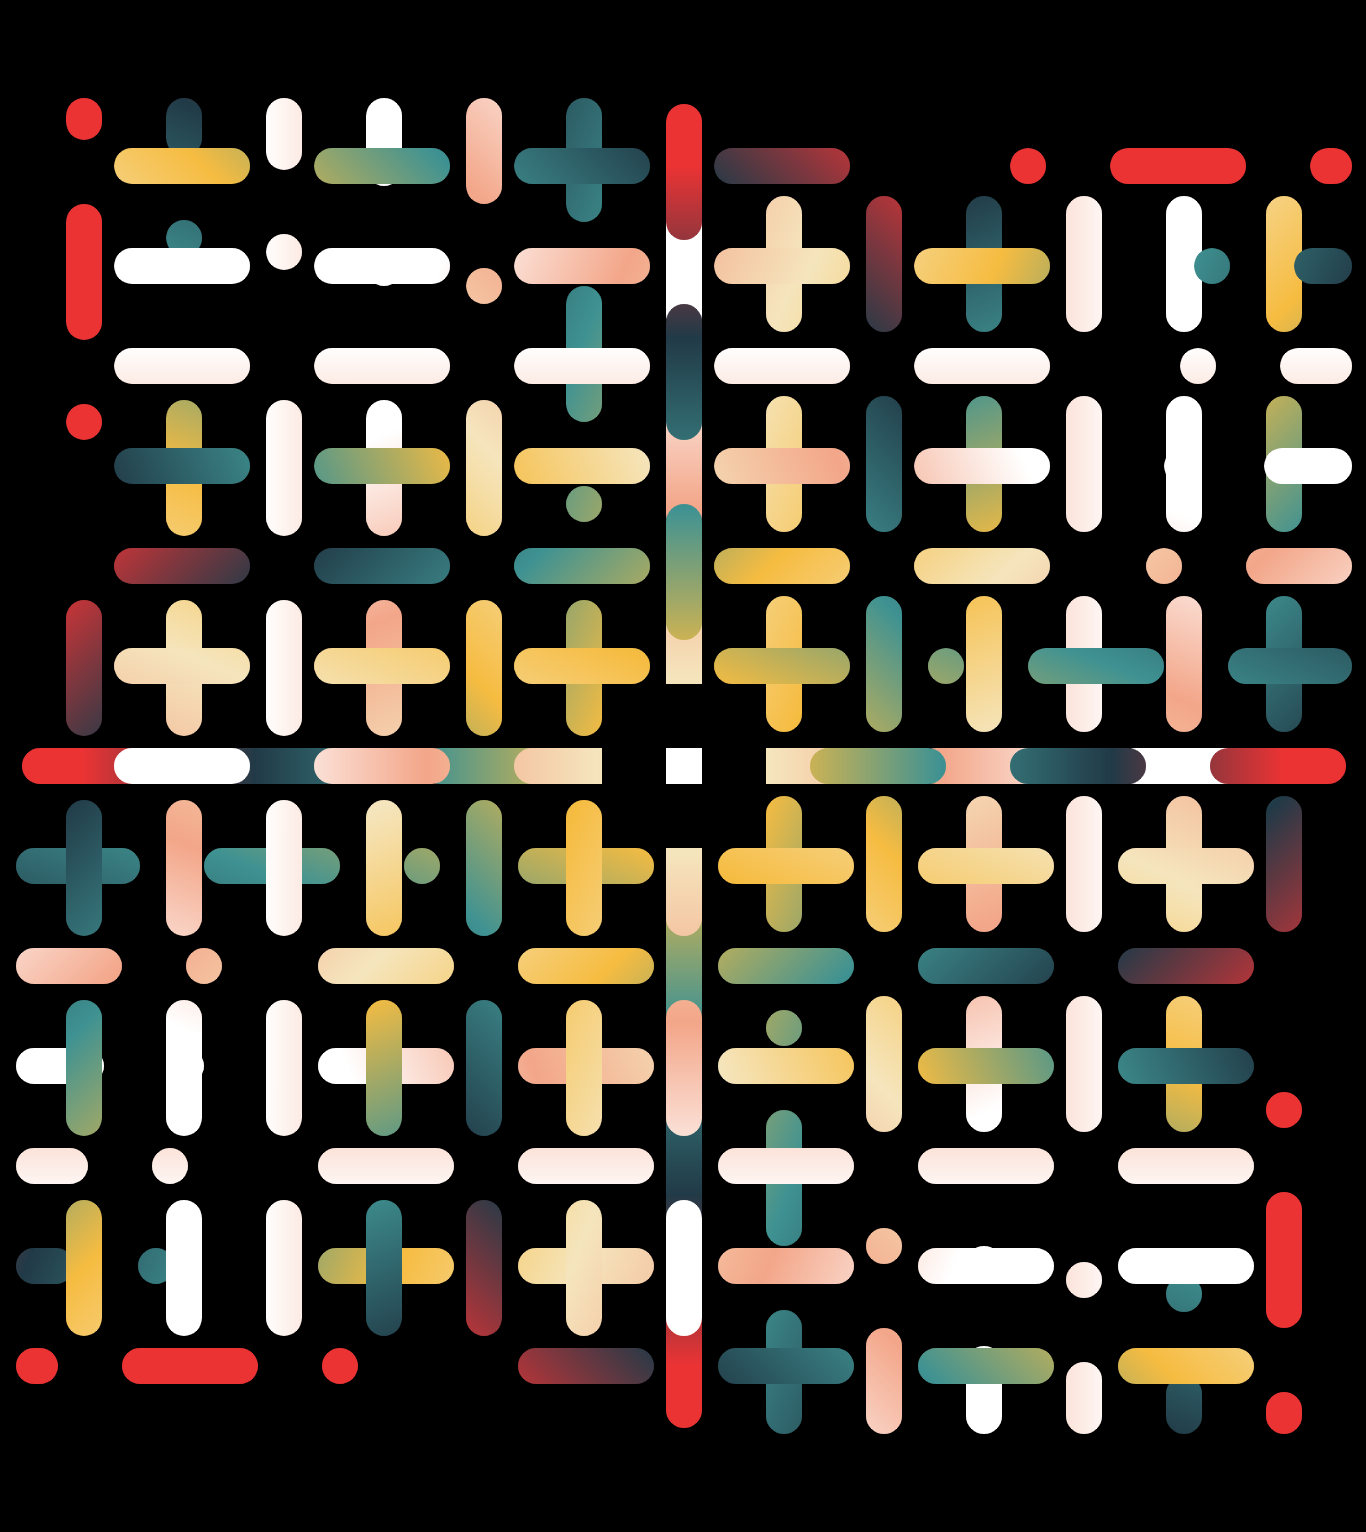 isolation-pixel-static-95